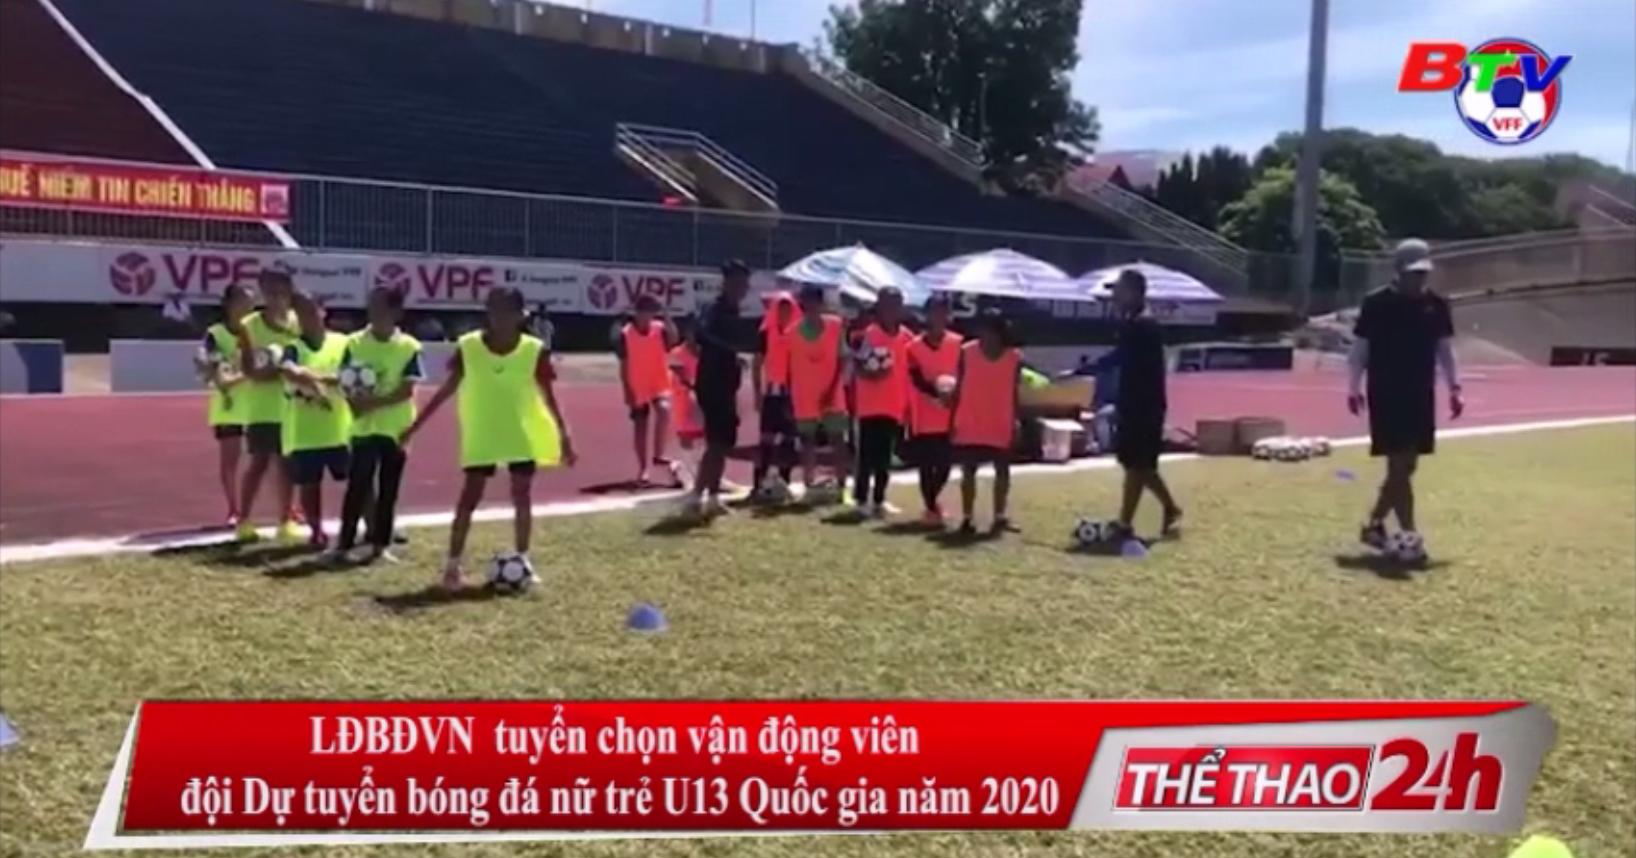 LĐBĐVN tuyển chọn vận động viên đội Dự tuyển bóng đá nữ trẻ U13 Quốc gia năm 2020